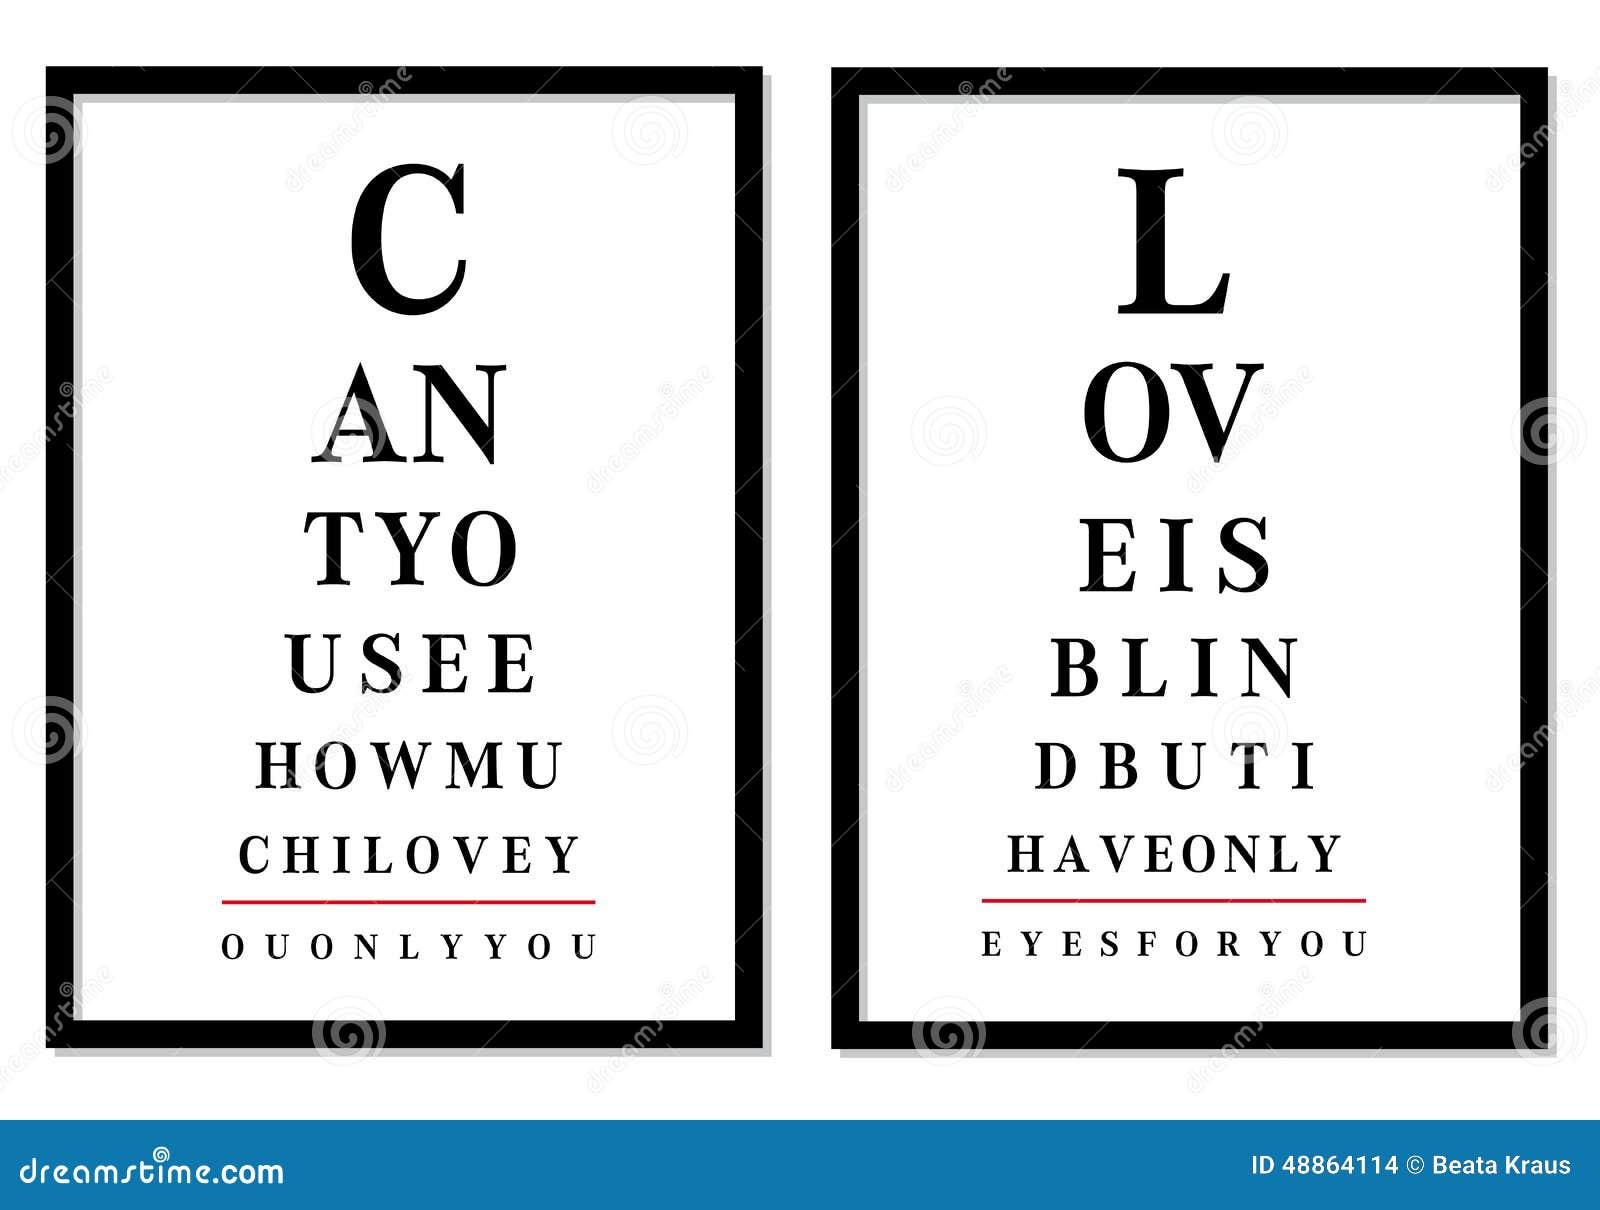 Imagens da carta de olho, vetor